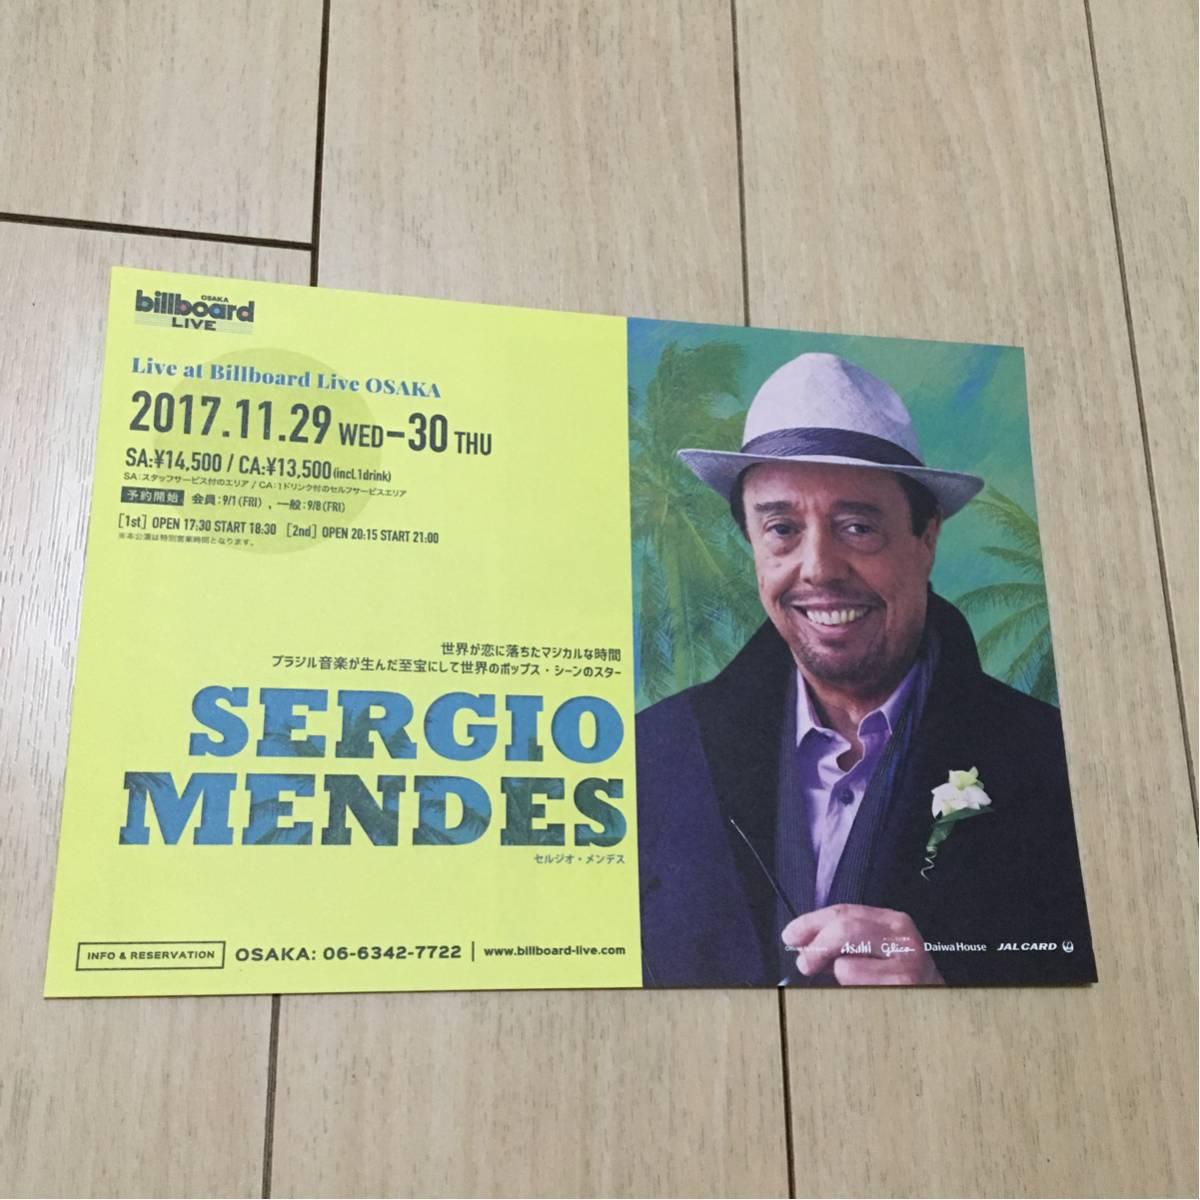 セルジオ・メンデス sergio mendes ライブ 告知 チラシ billboard live osaka ビルボード 大阪 ブラジル